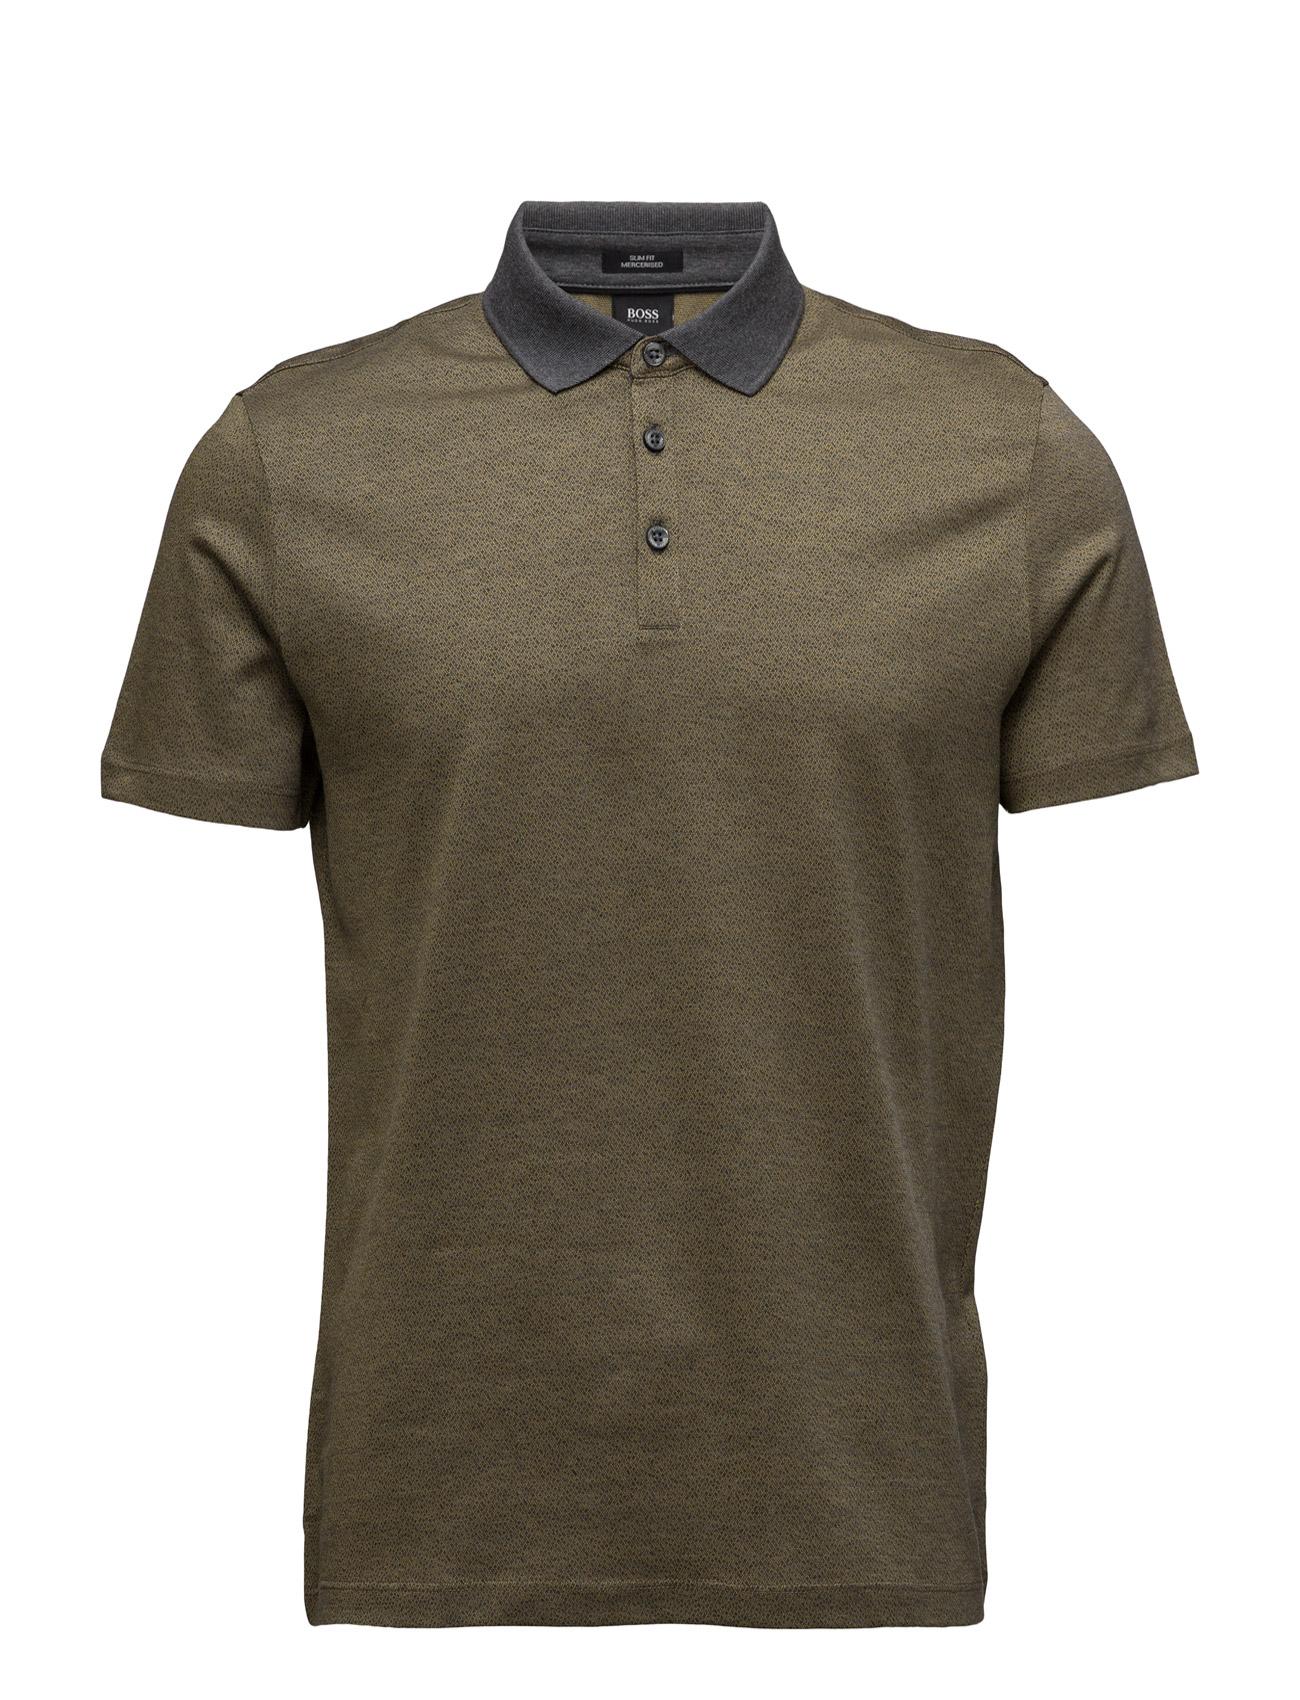 Platt 03 BOSS Kortærmede polo t-shirts til Mænd i